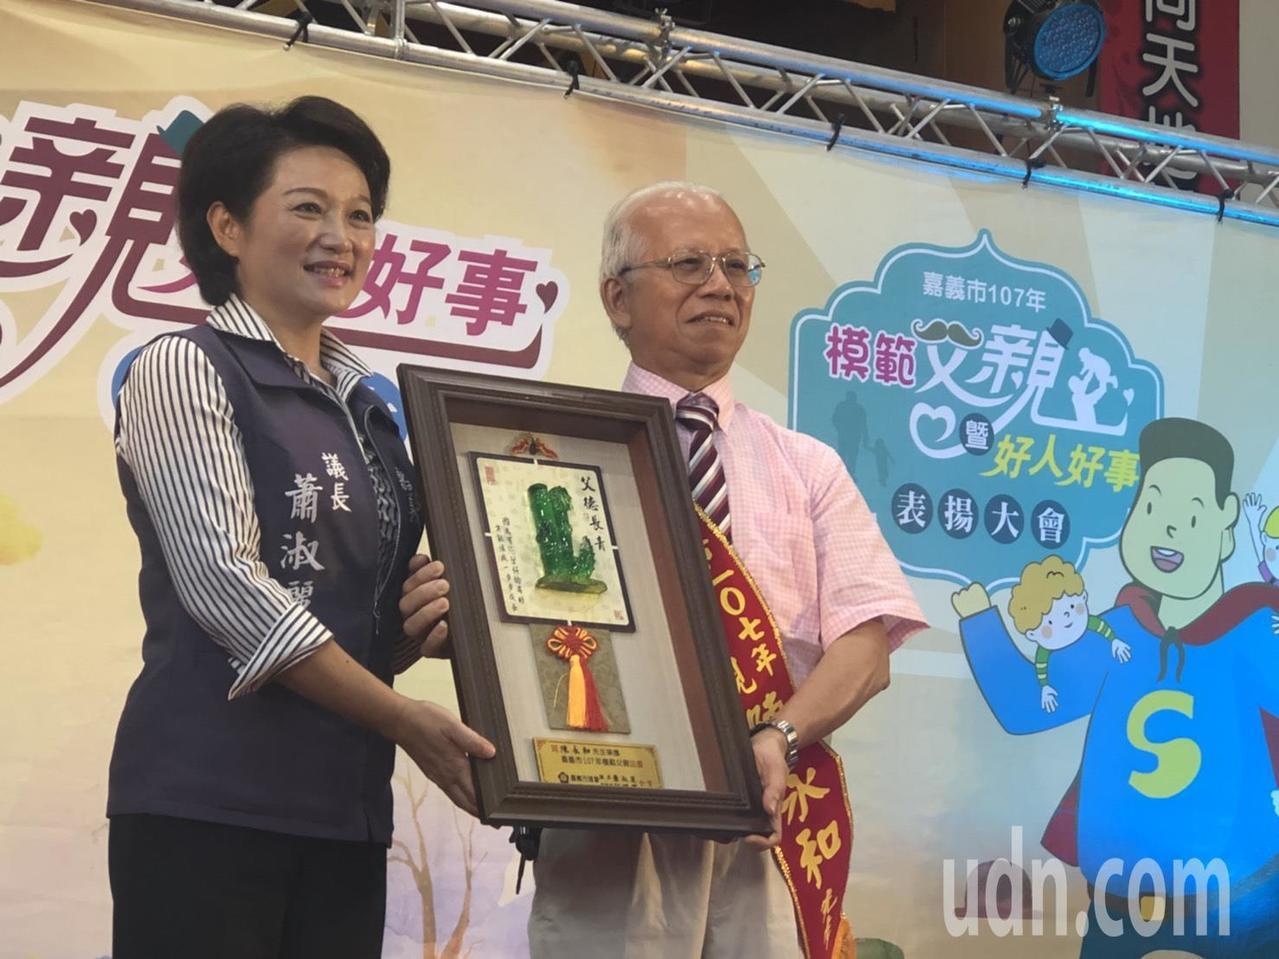 嘉義市議長蕭淑麗頒發紀念品給模範父親得主。記者王慧瑛/攝影